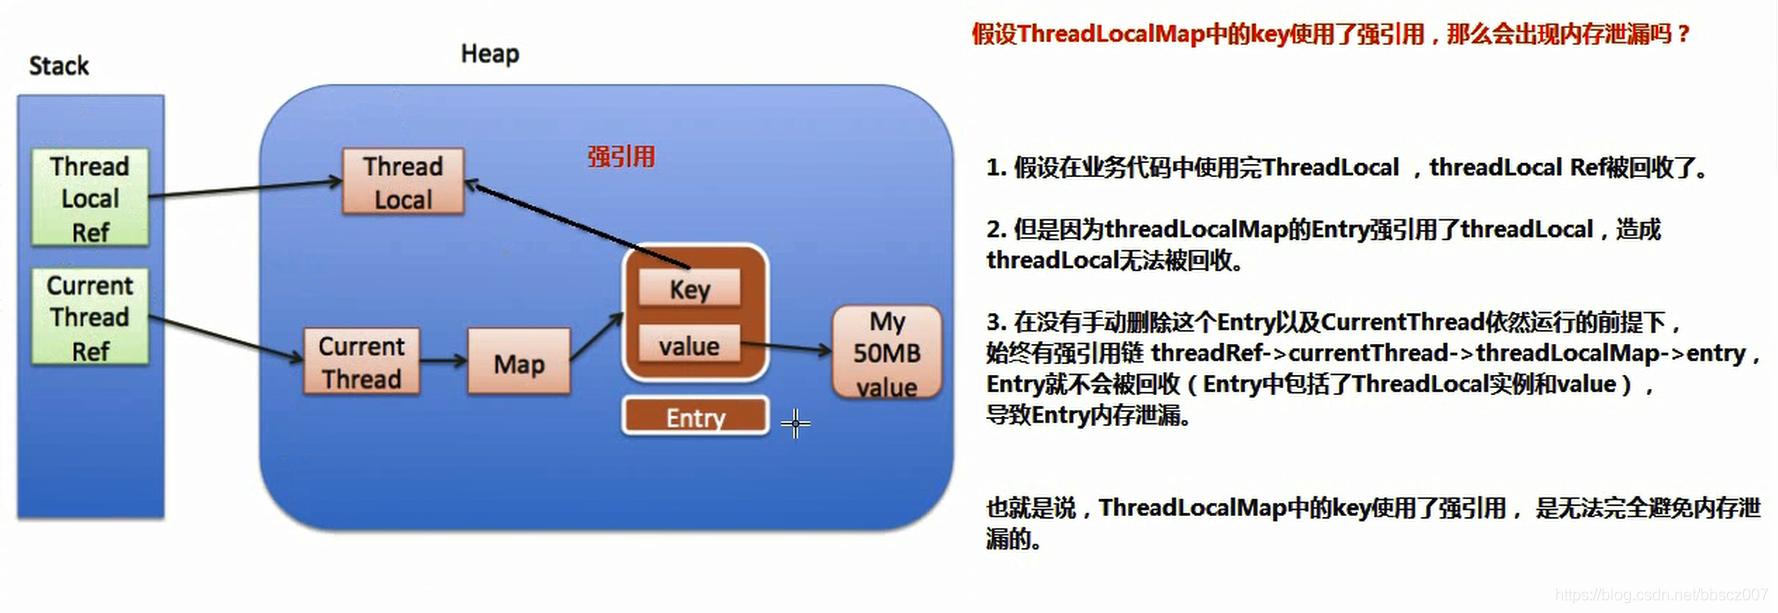 ThreadLocal解析